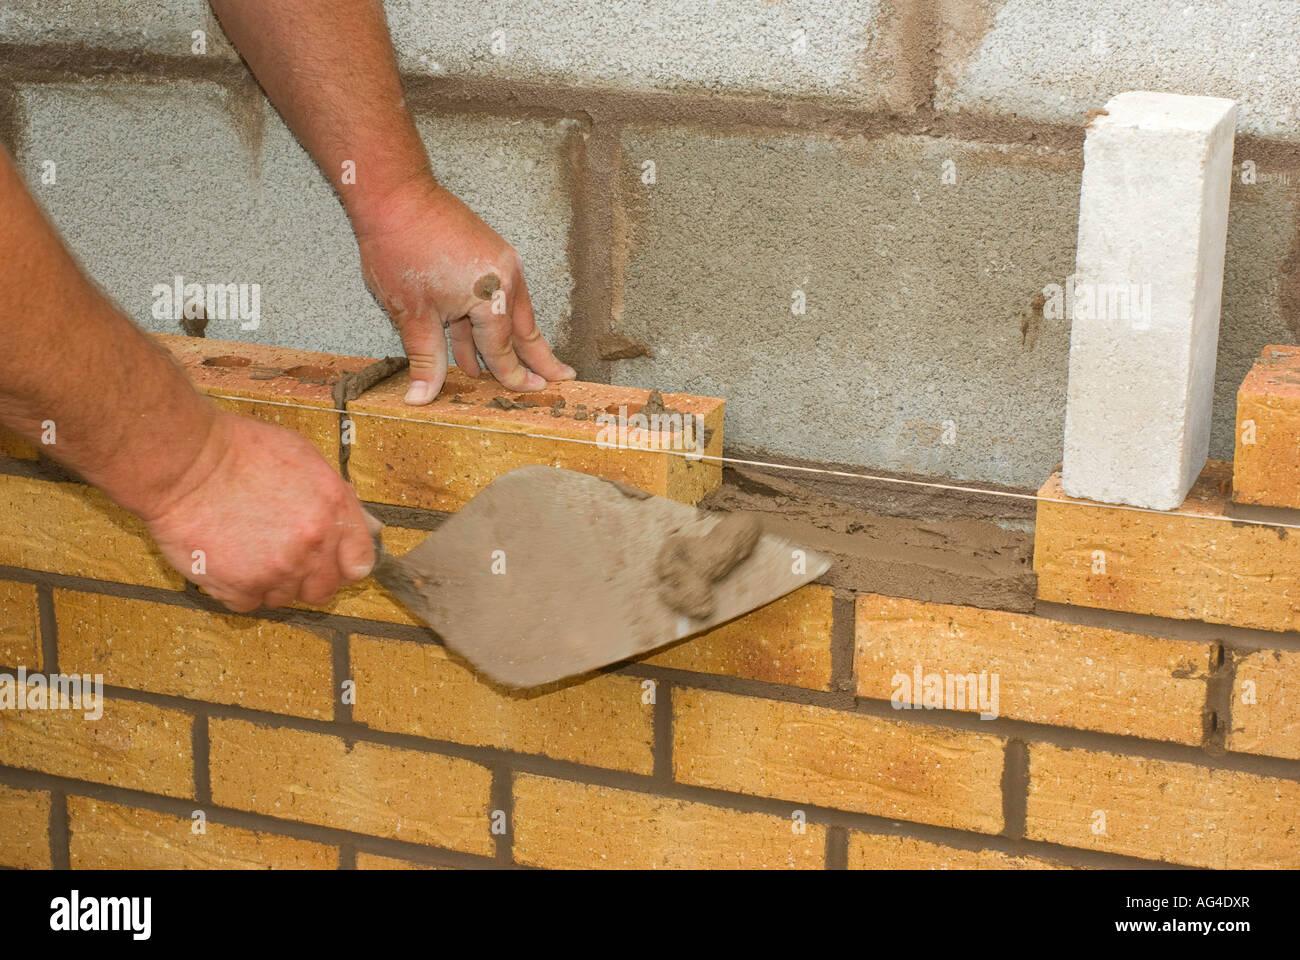 Excess Mortar Stock Photos & Excess Mortar Stock Images - Alamy